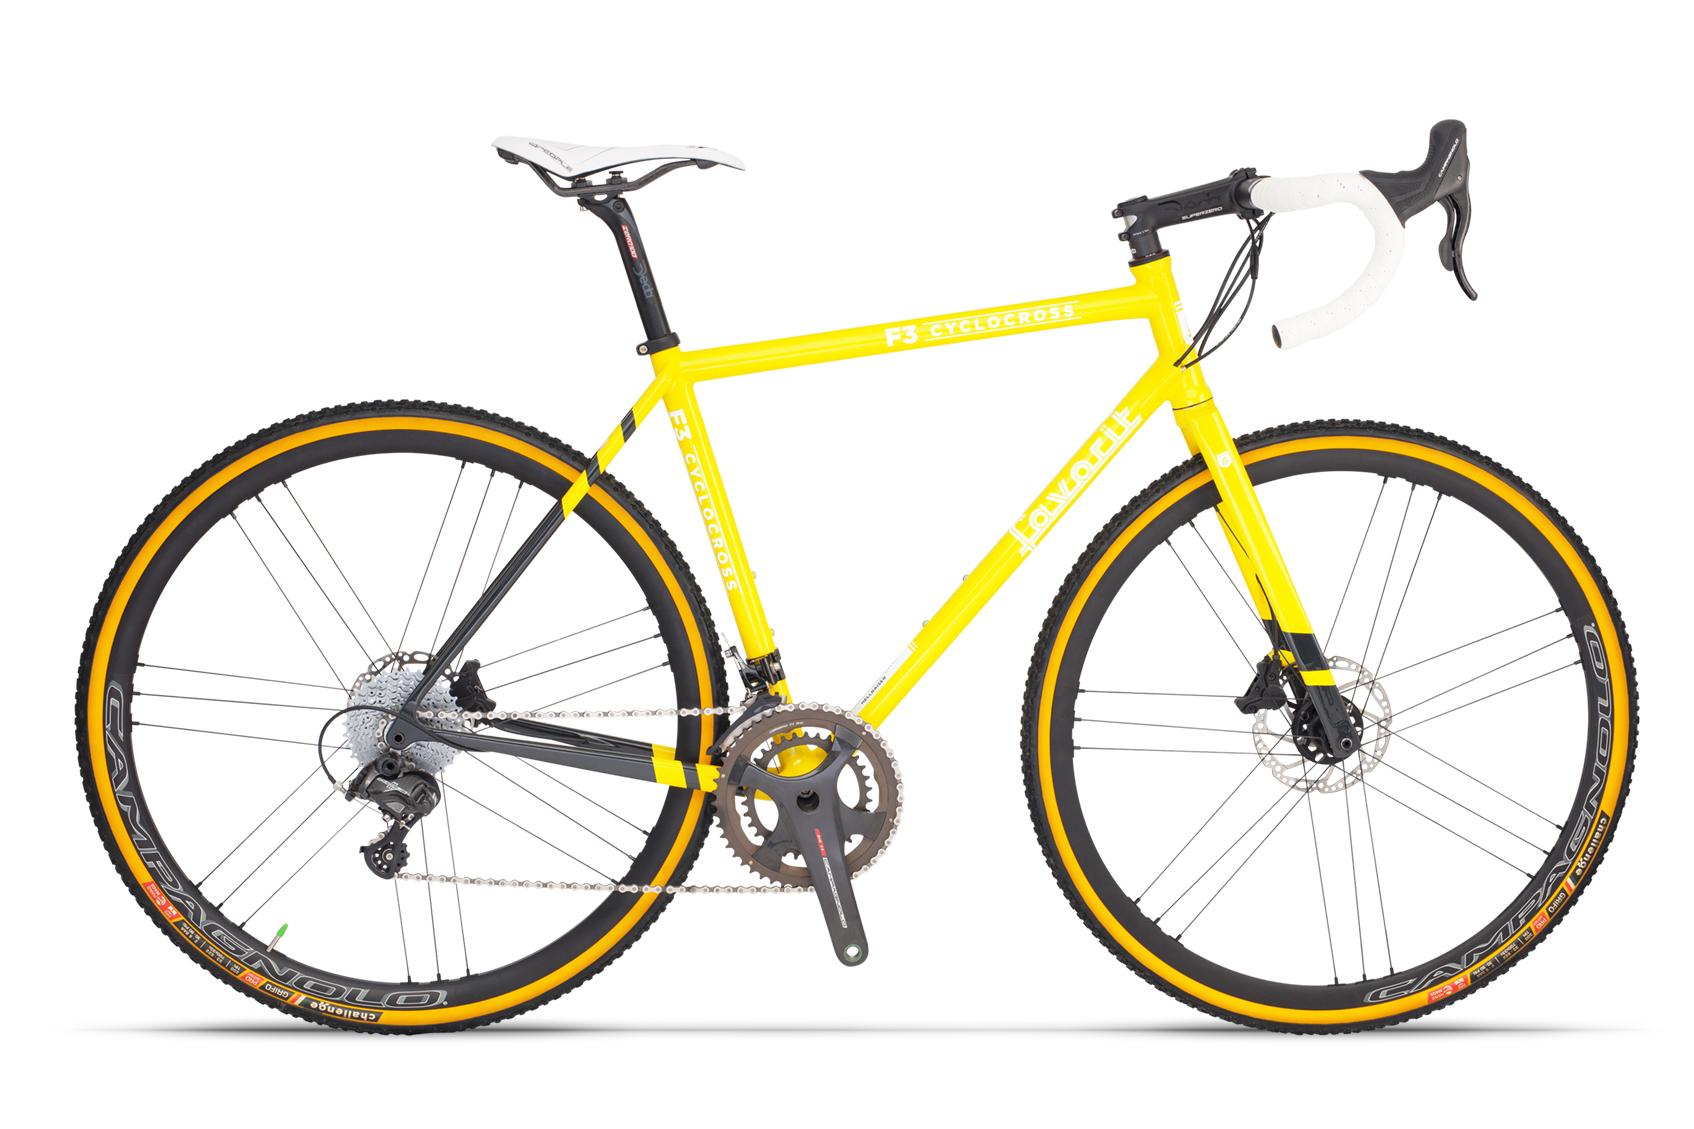 Favorit_F3 cyclokros